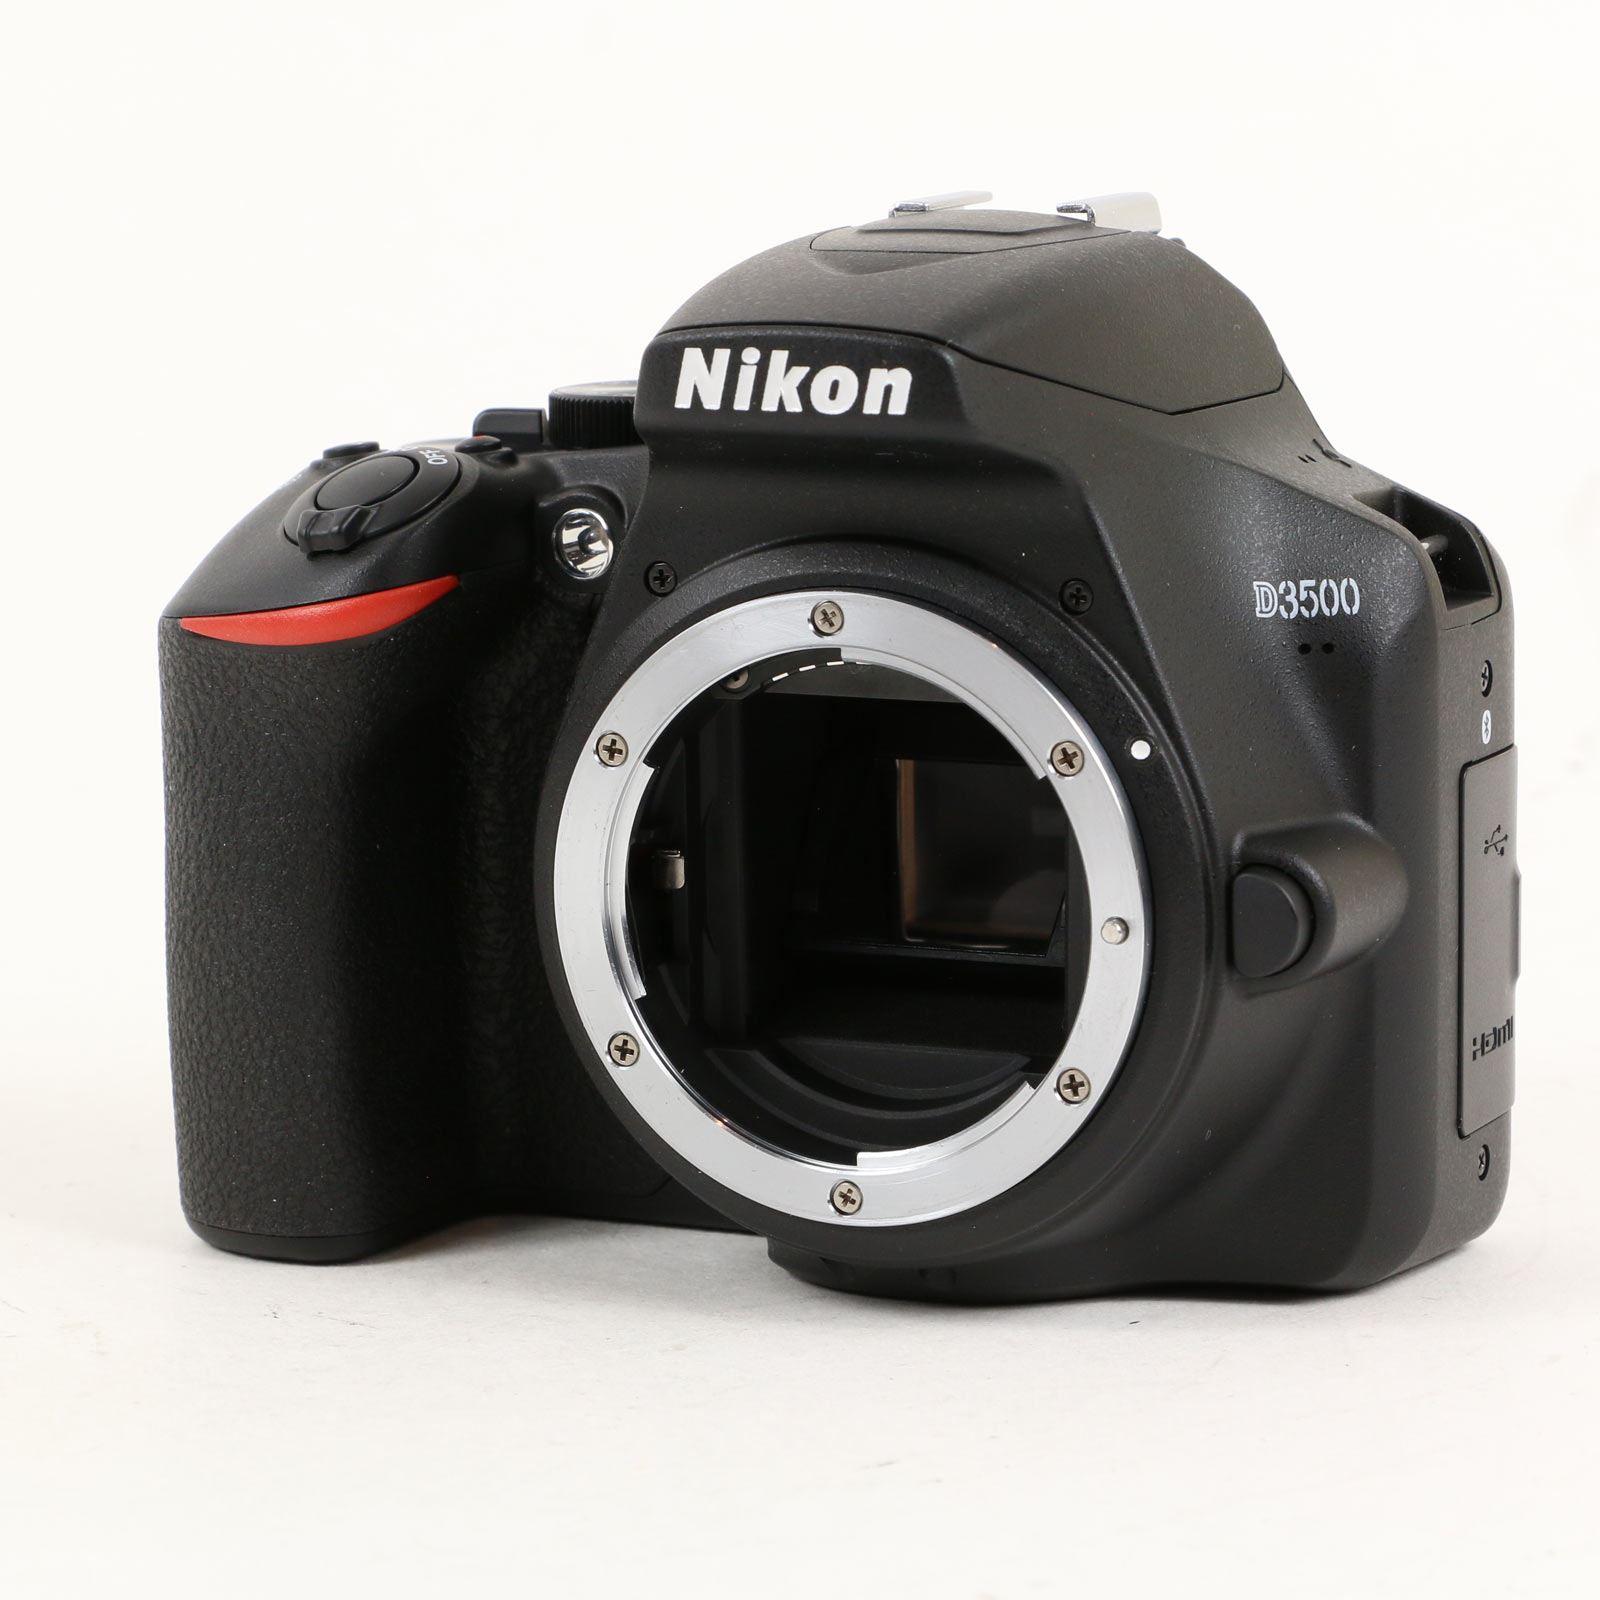 USED Nikon D3500 Digital SLR Camera Body